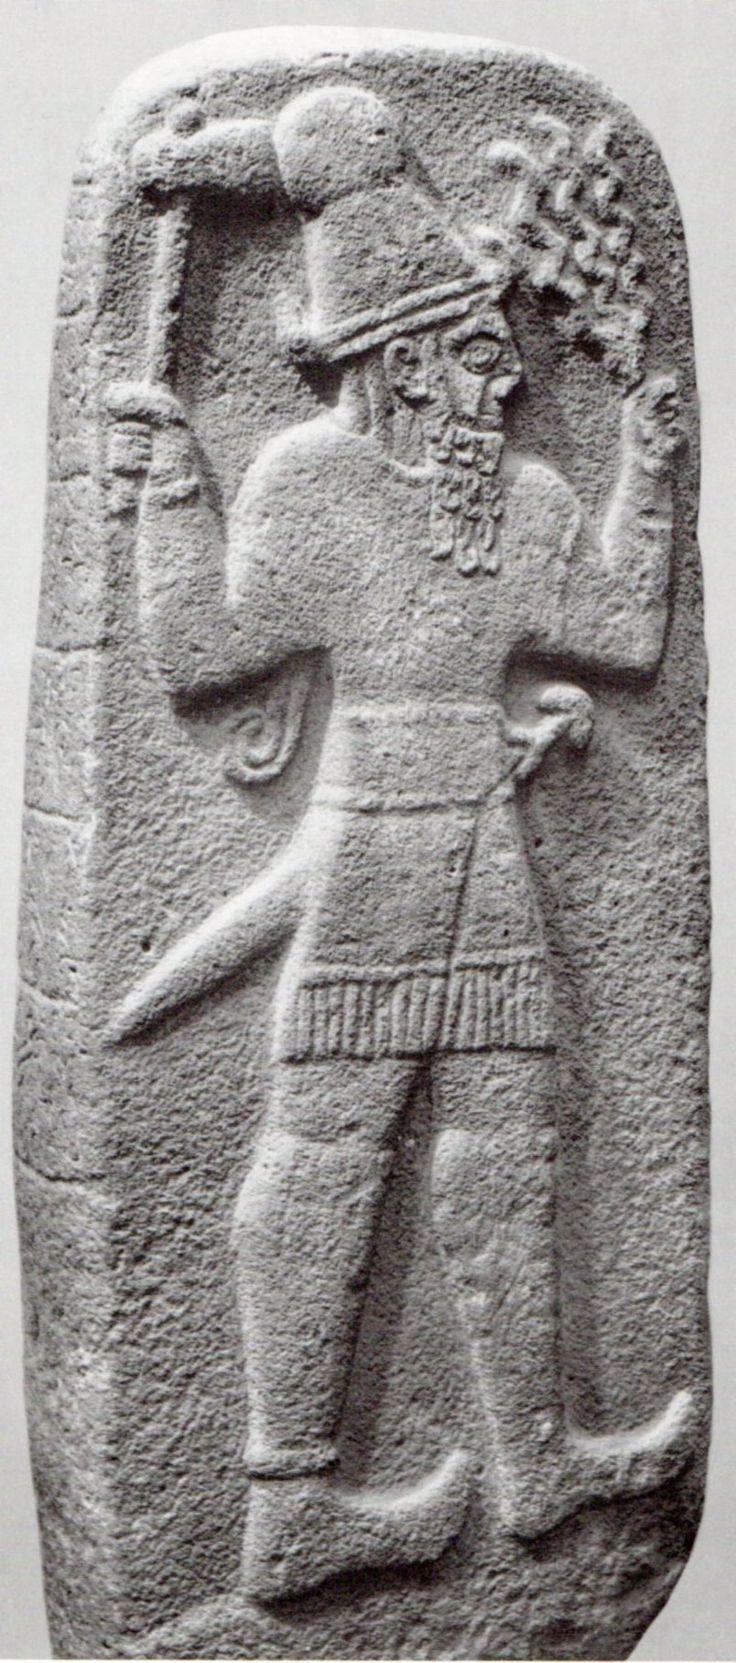 Dieu météo hittite, Babylone, Musée archéologique d'Istanbul (Kurt Bittel) (Erdinç Bakla)